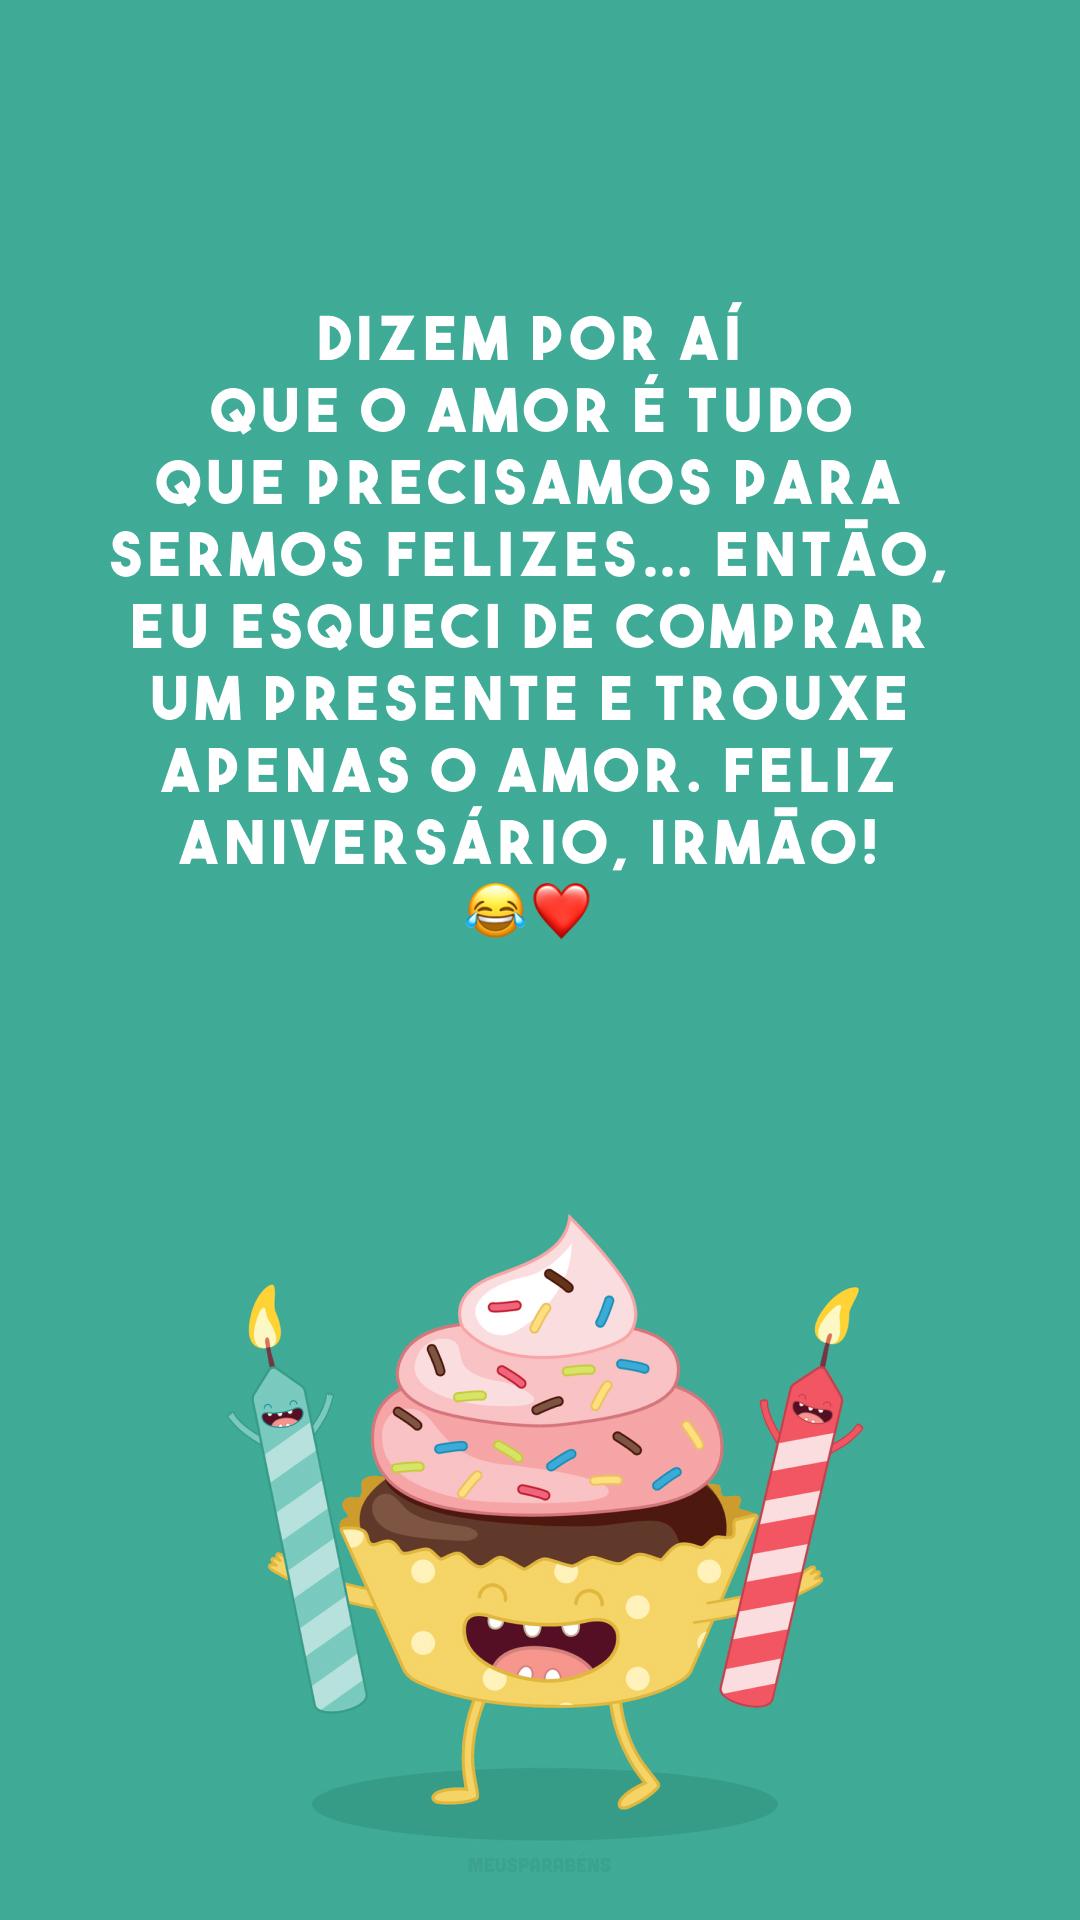 Dizem por aí que o amor é tudo que precisamos para sermos felizes… Então, eu esqueci de comprar um presente e trouxe apenas o amor. Feliz aniversário, irmão! 😂❤️